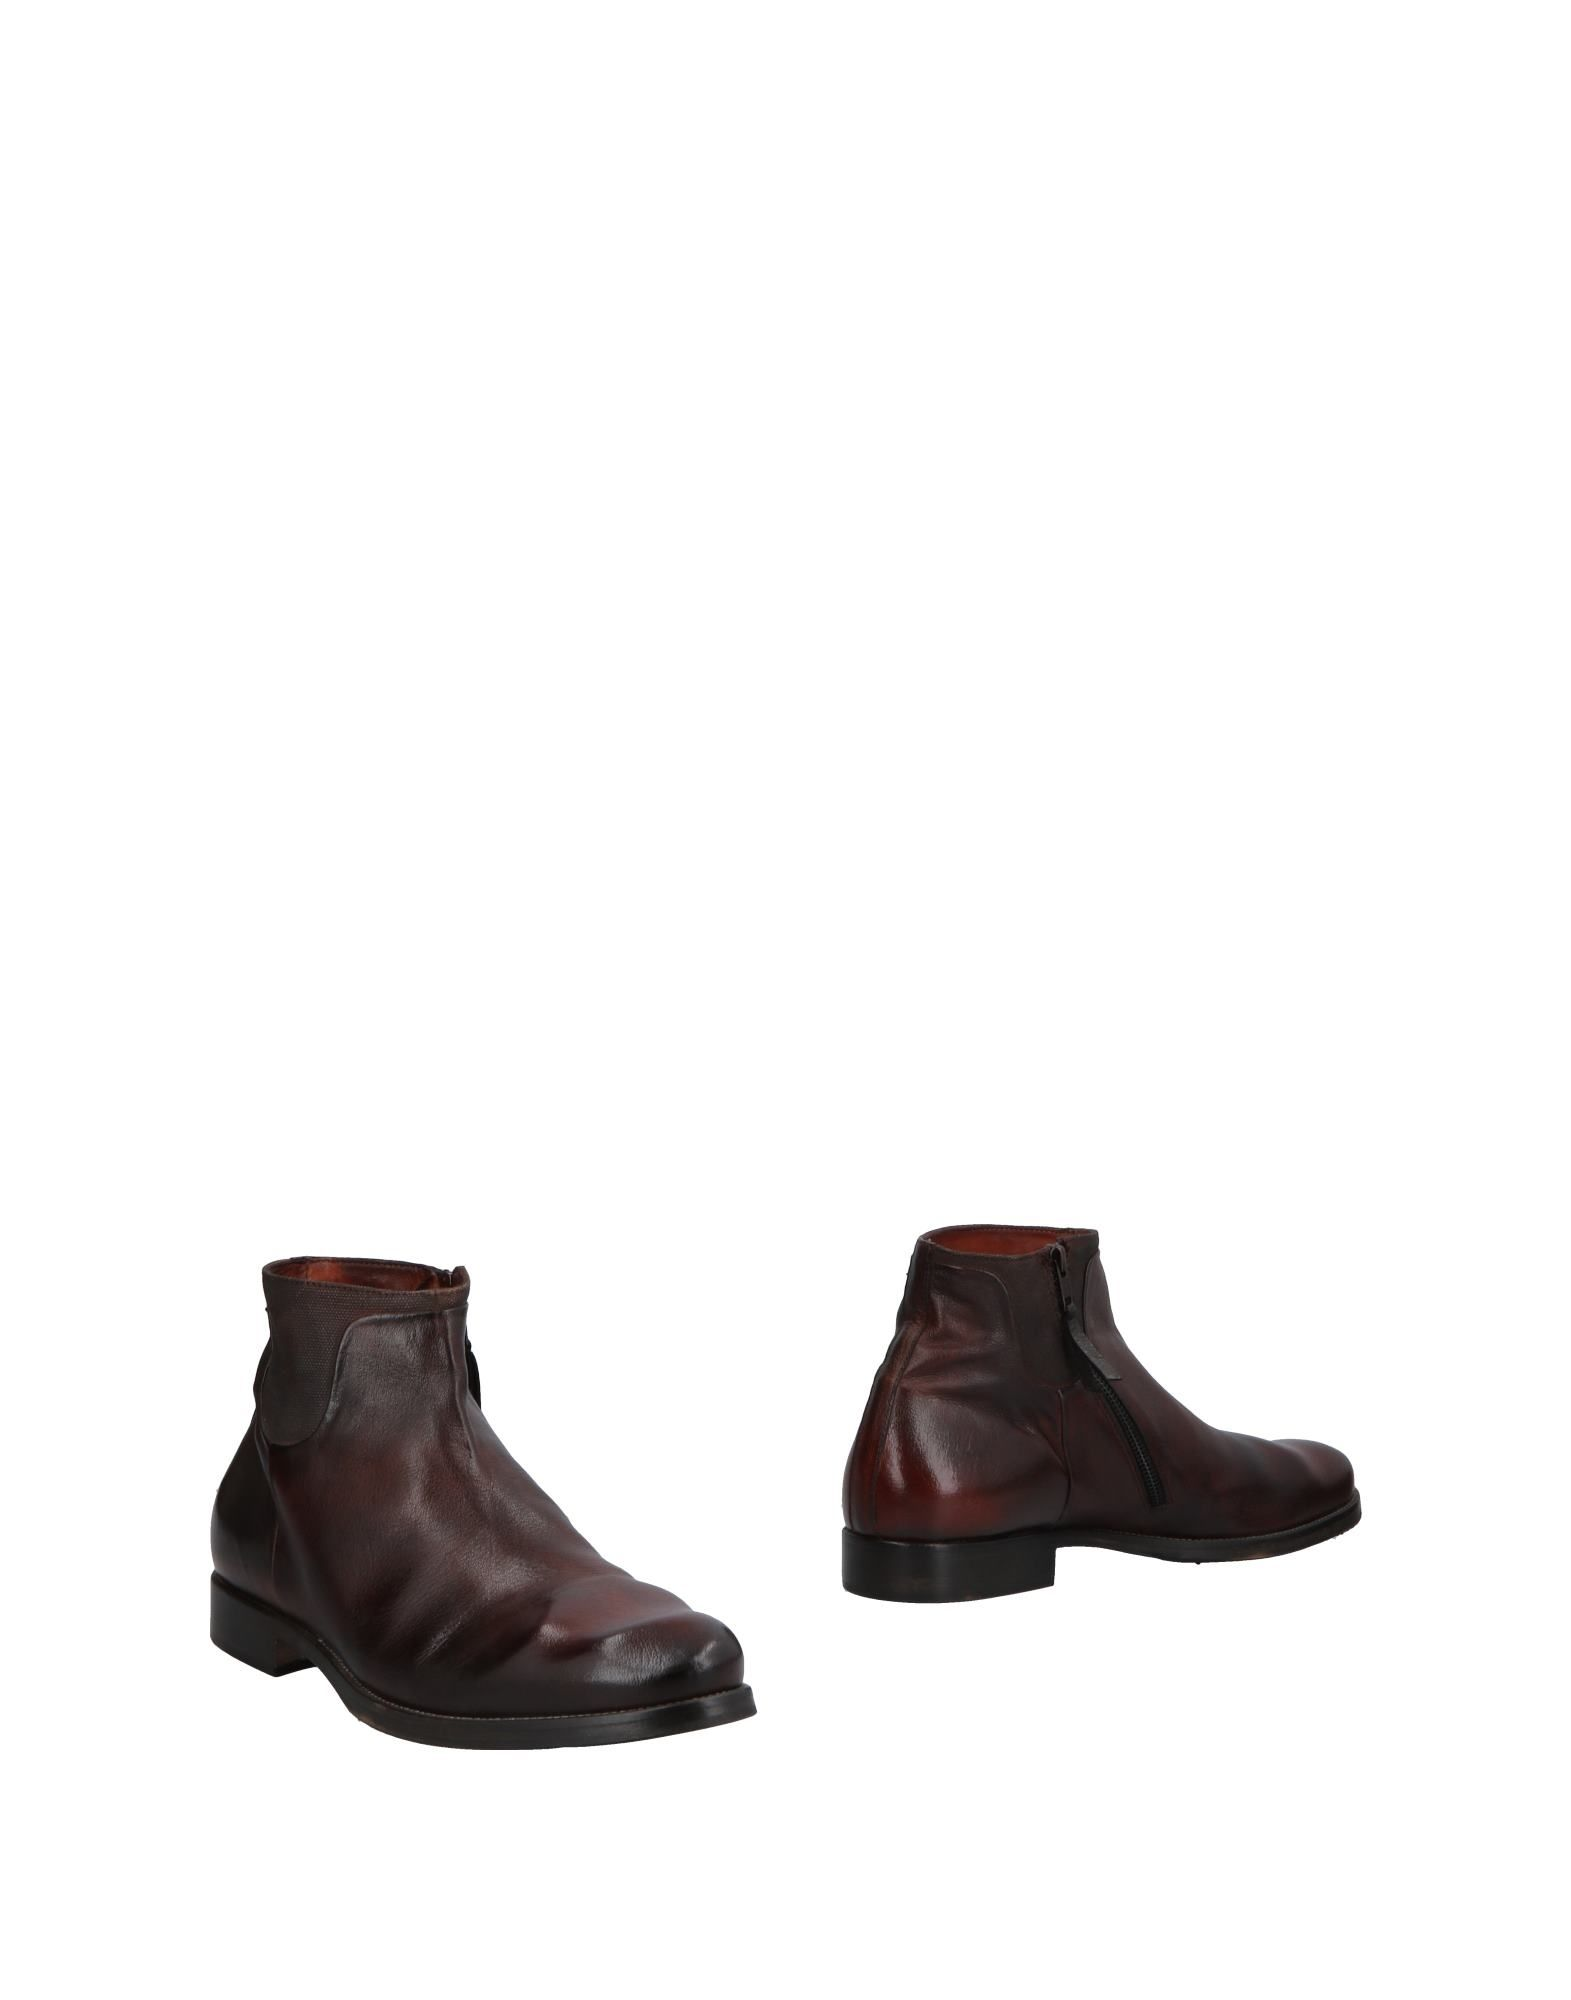 Alexander Hotto Stiefelette Herren  11507559MU Gute Qualität beliebte Schuhe